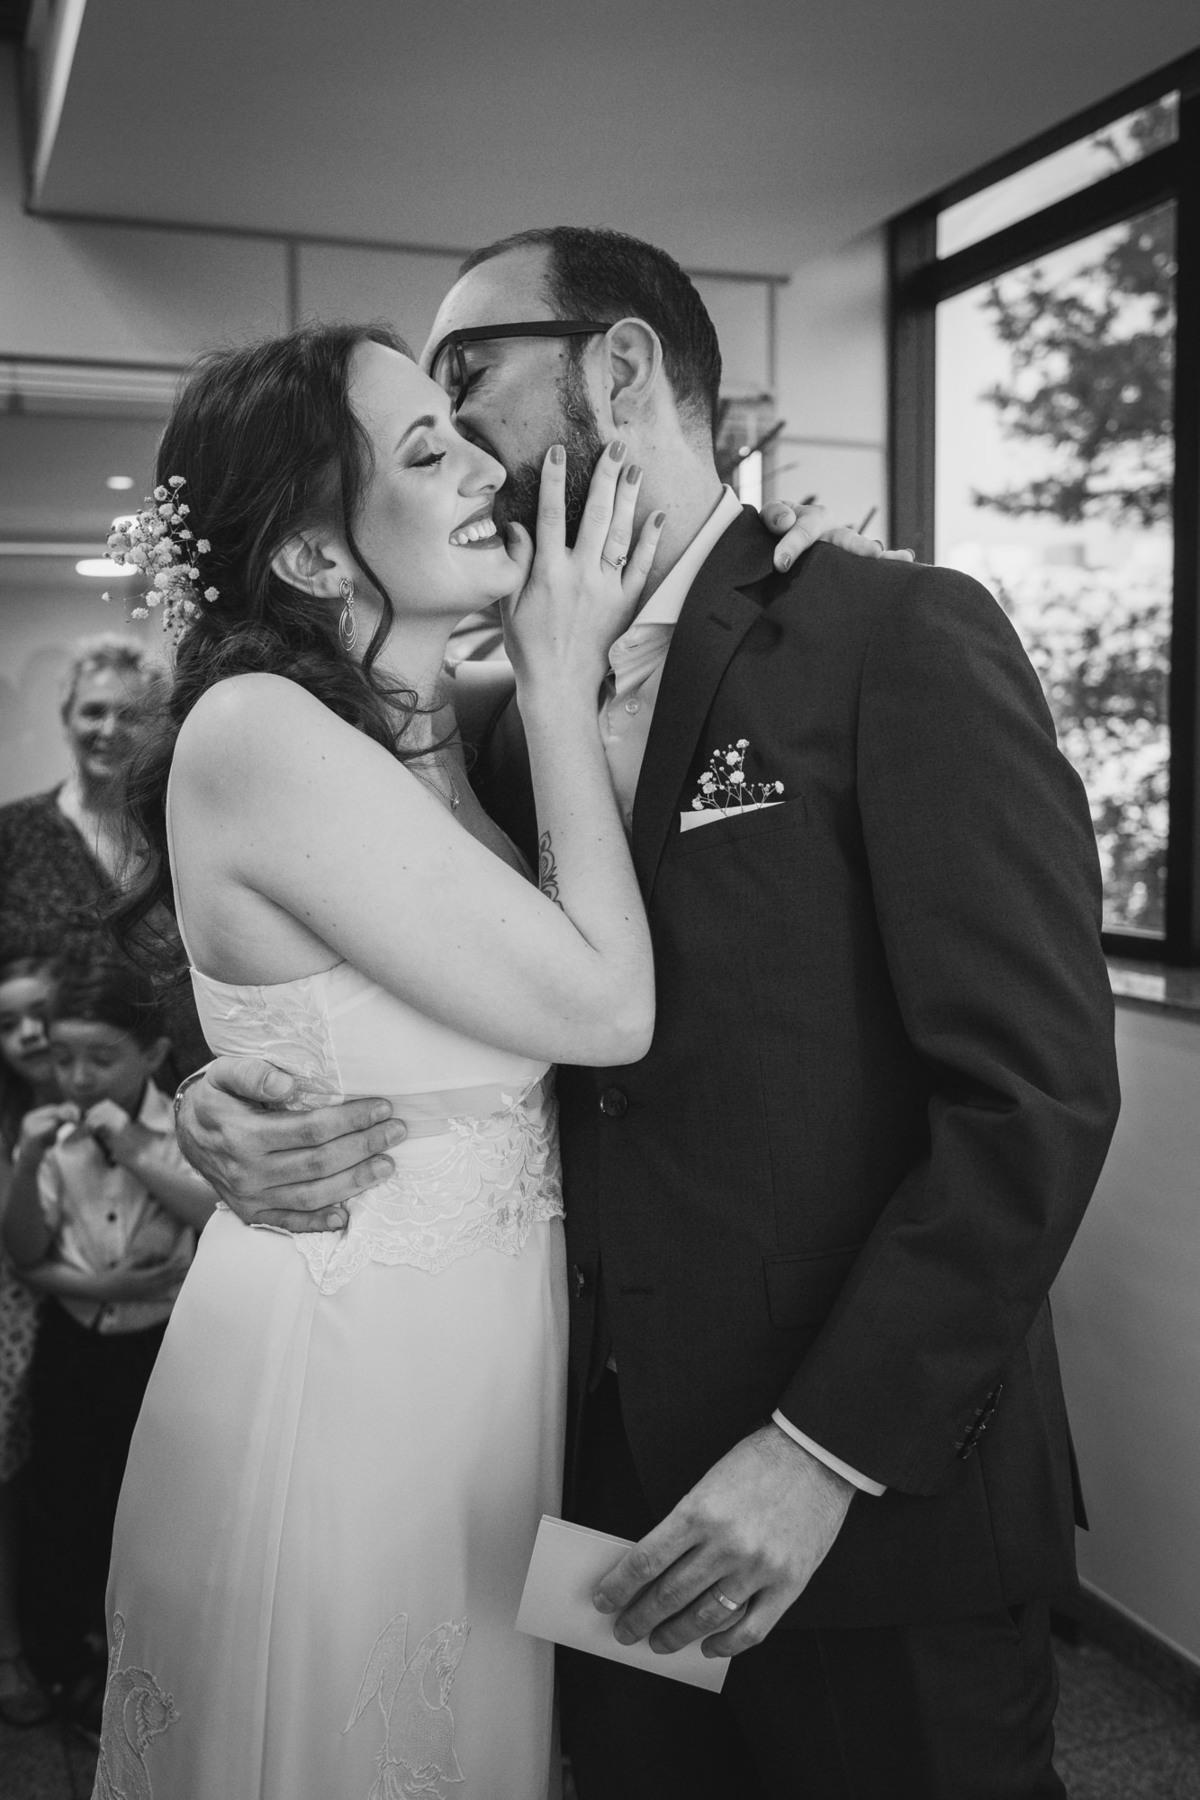 noivo beijando noiva no rosto em casamento civil